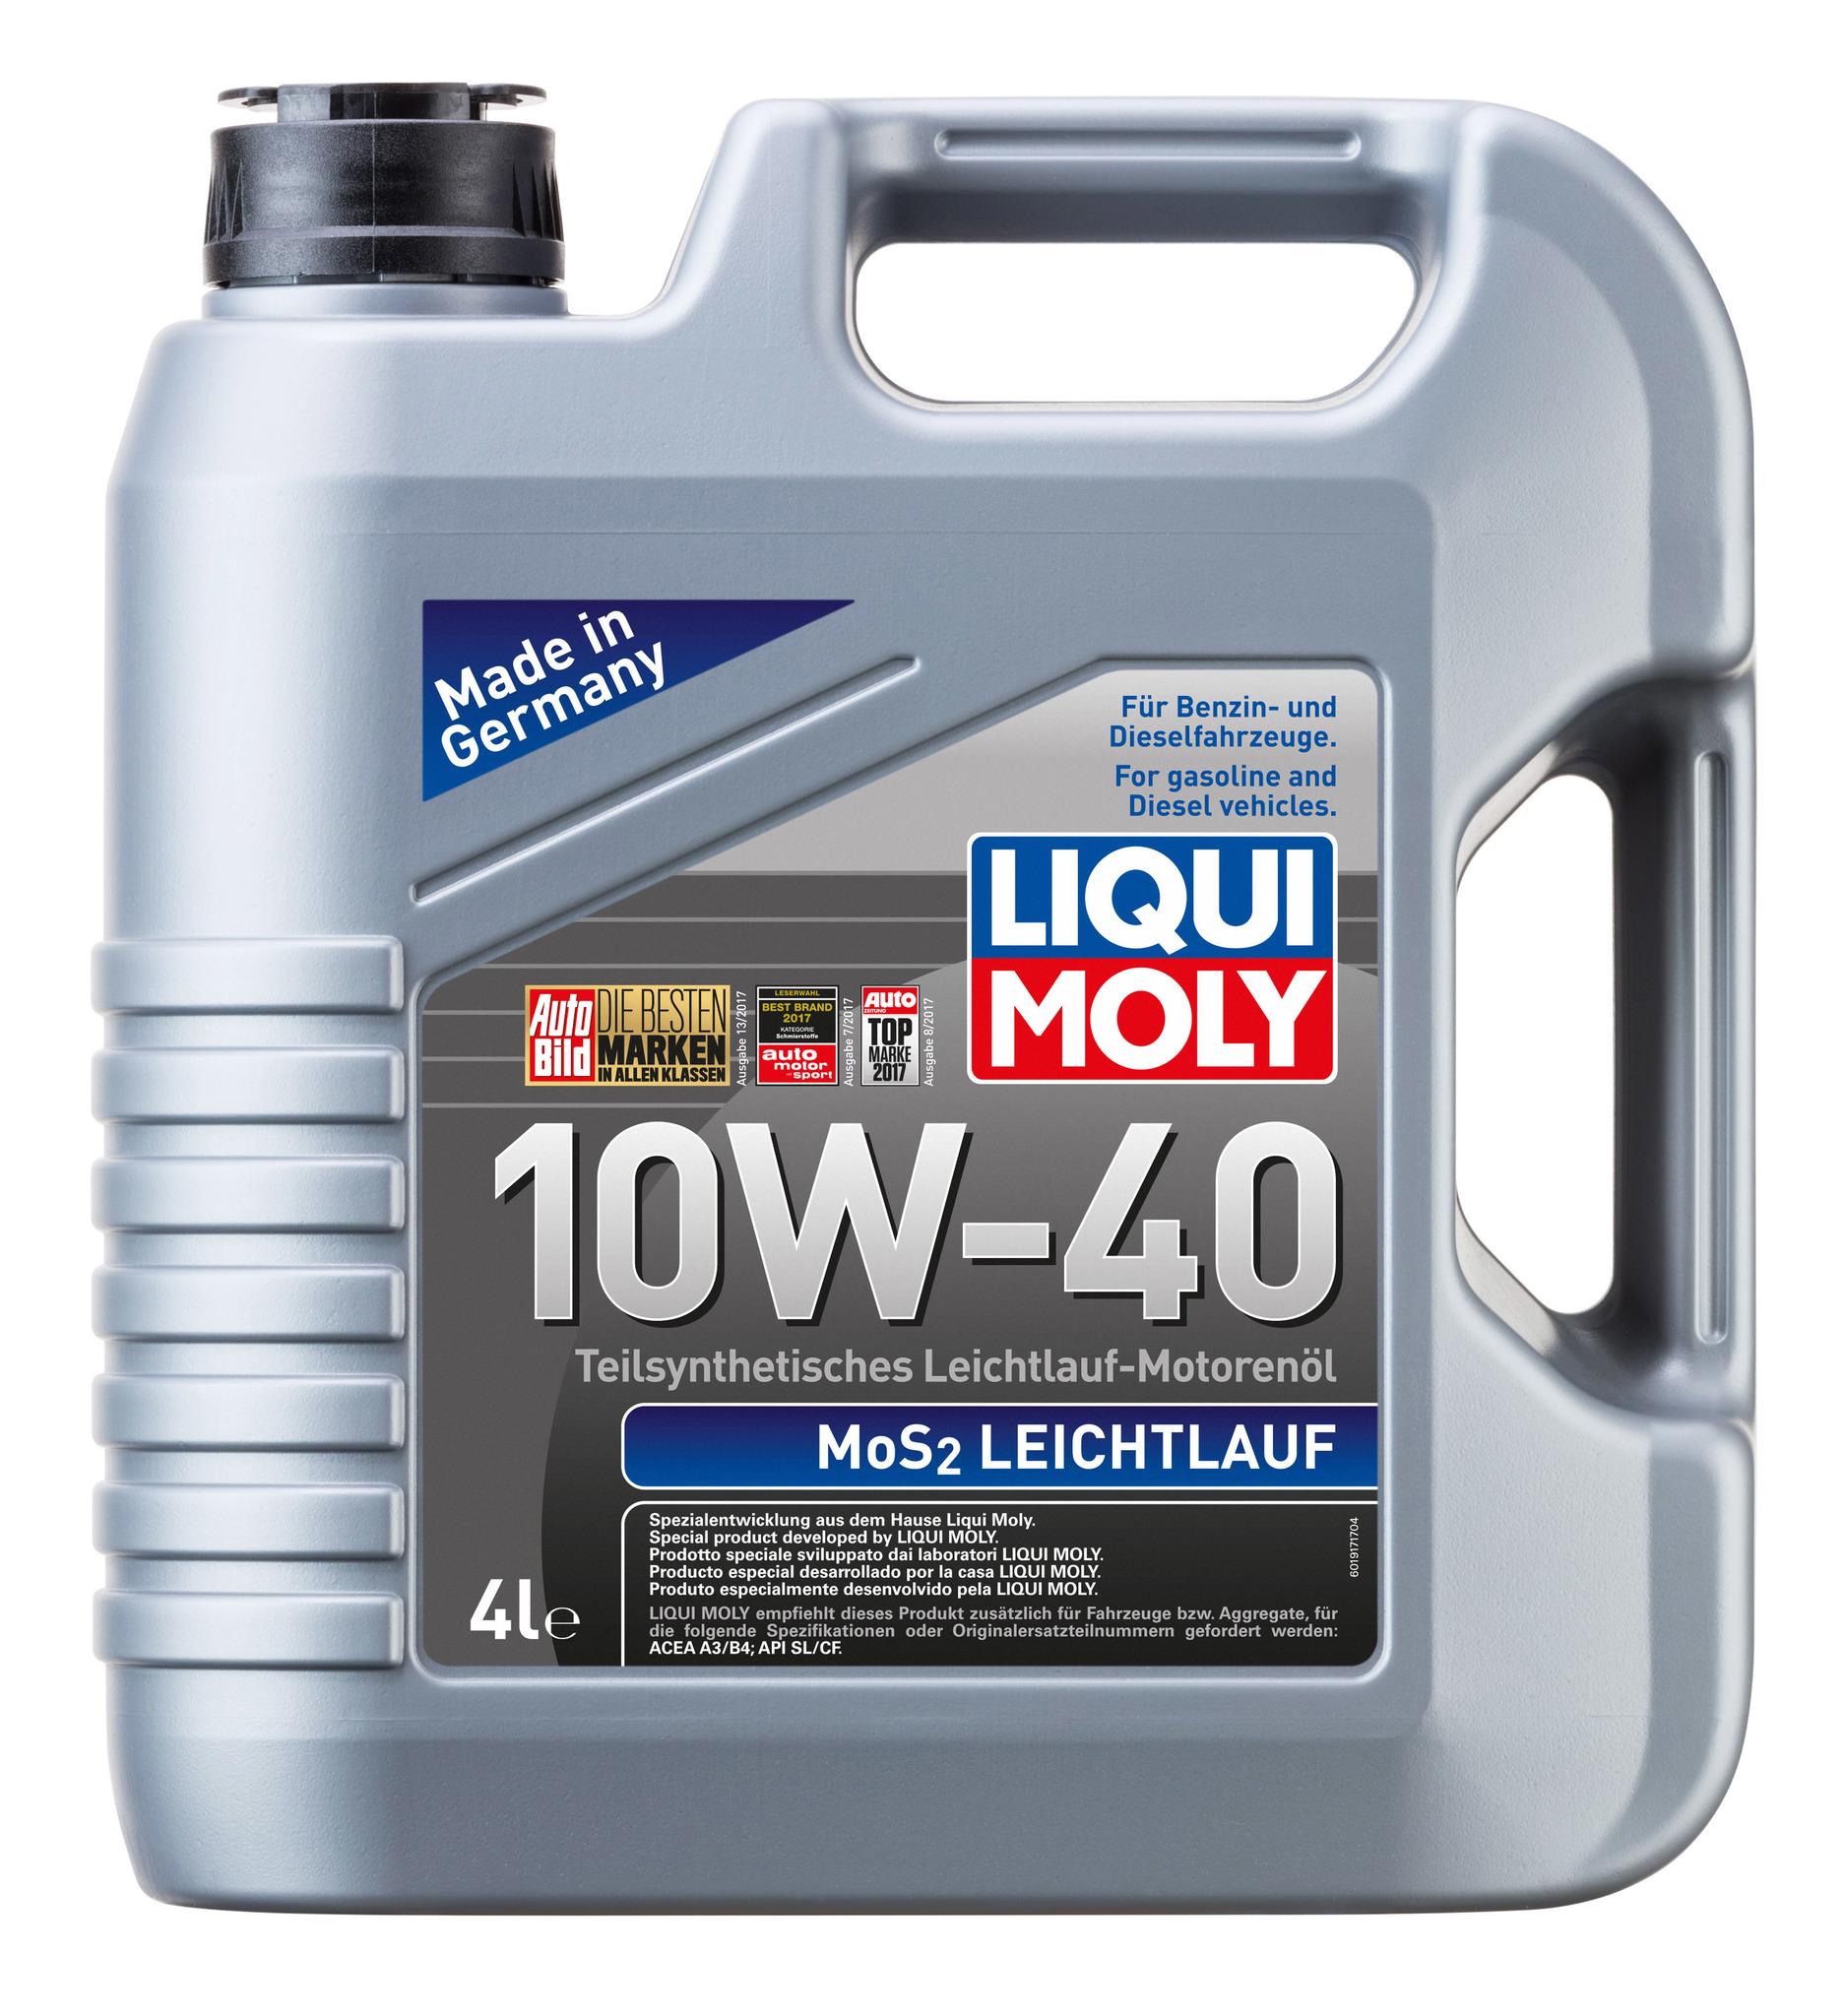 Liqui Moly MoS2 Leichtlauf 10W40 Полусинтетическое моторное масло с молибденом